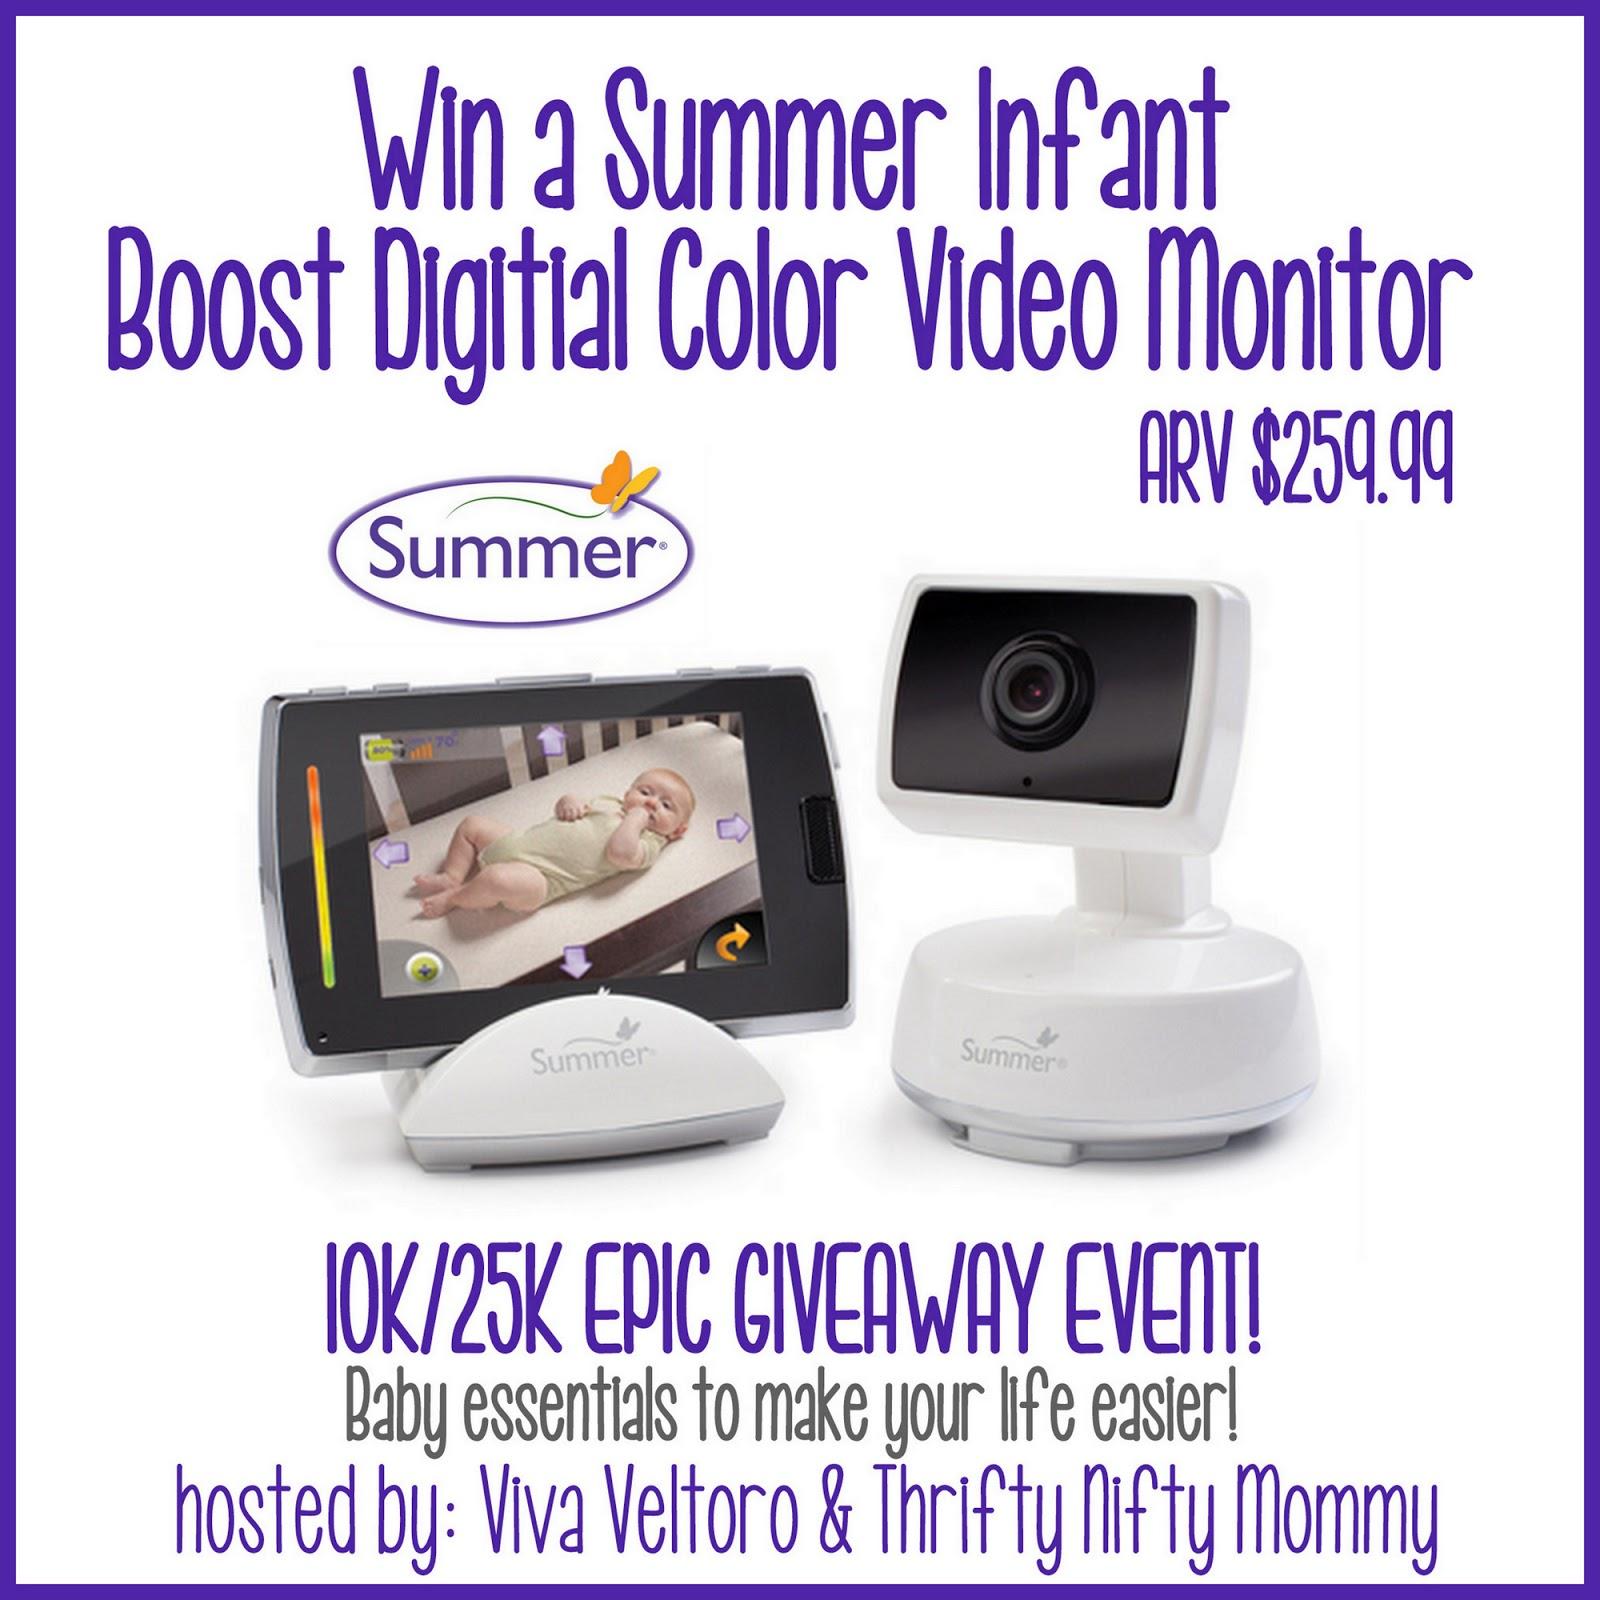 summer infant baby touch boost digital color video monitor giveaway 10k25kepicgiveaway. Black Bedroom Furniture Sets. Home Design Ideas